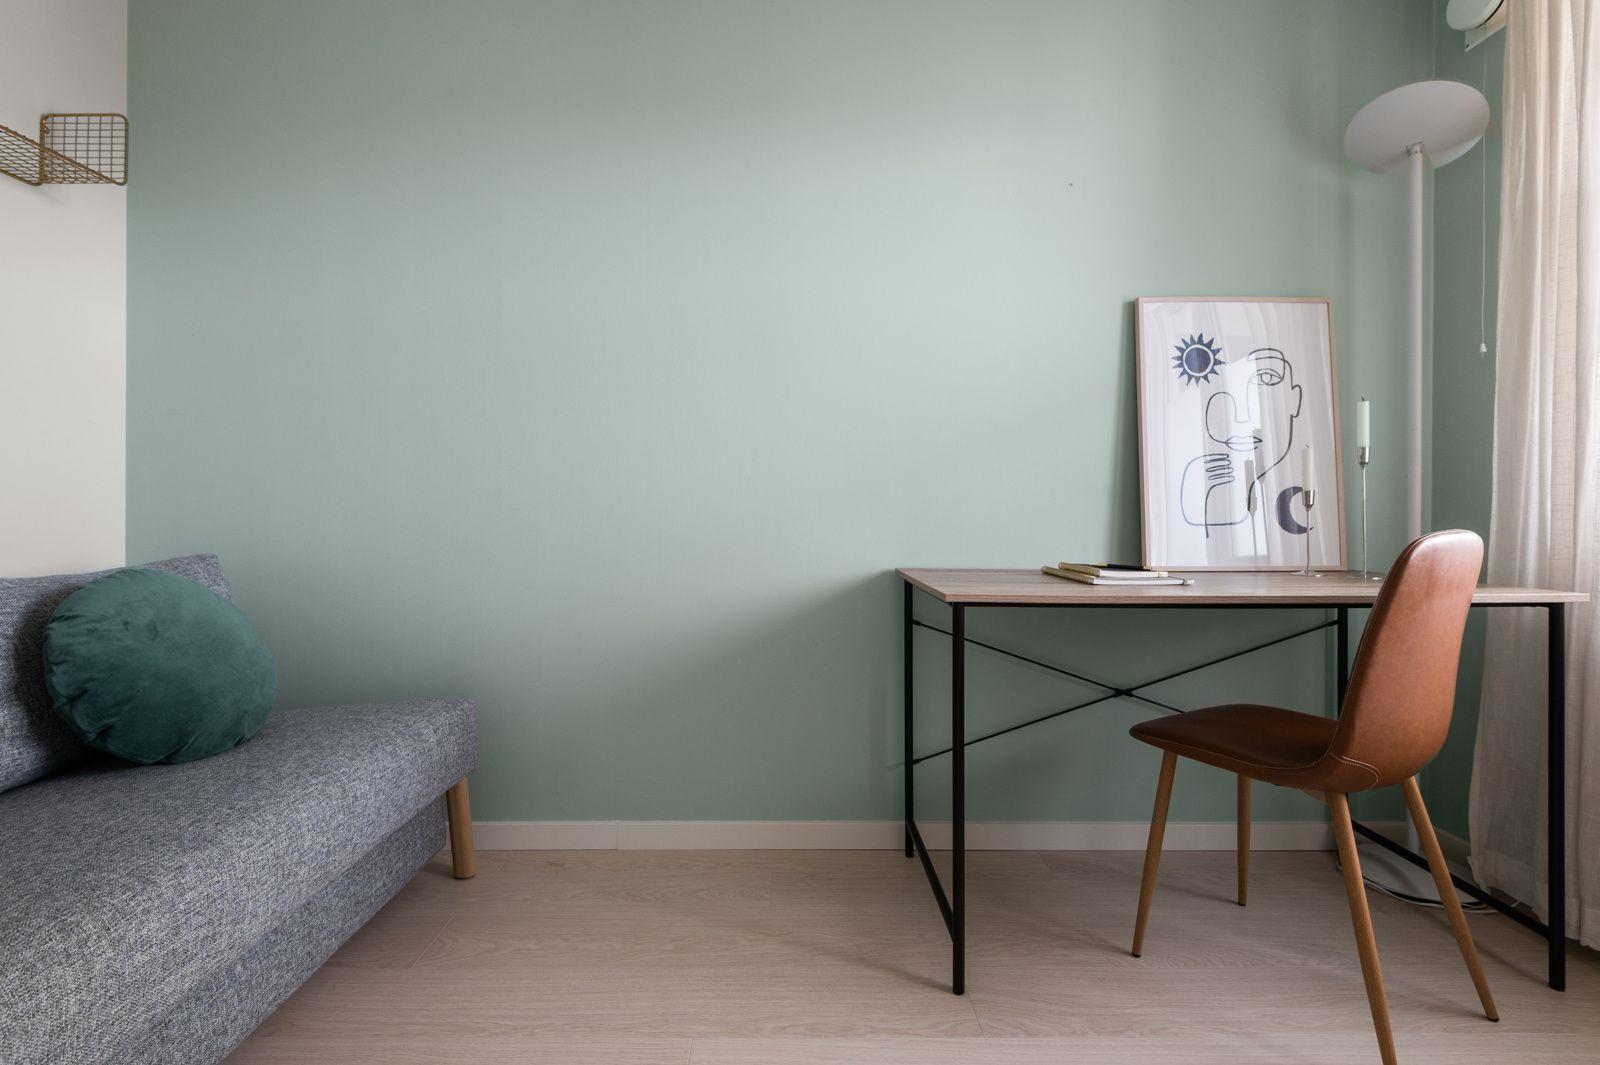 Bergensgata 36 G Det andre soverommet er også et lyst og fint rom som passer perfekt som barnerom, gjesterom eller kontor.